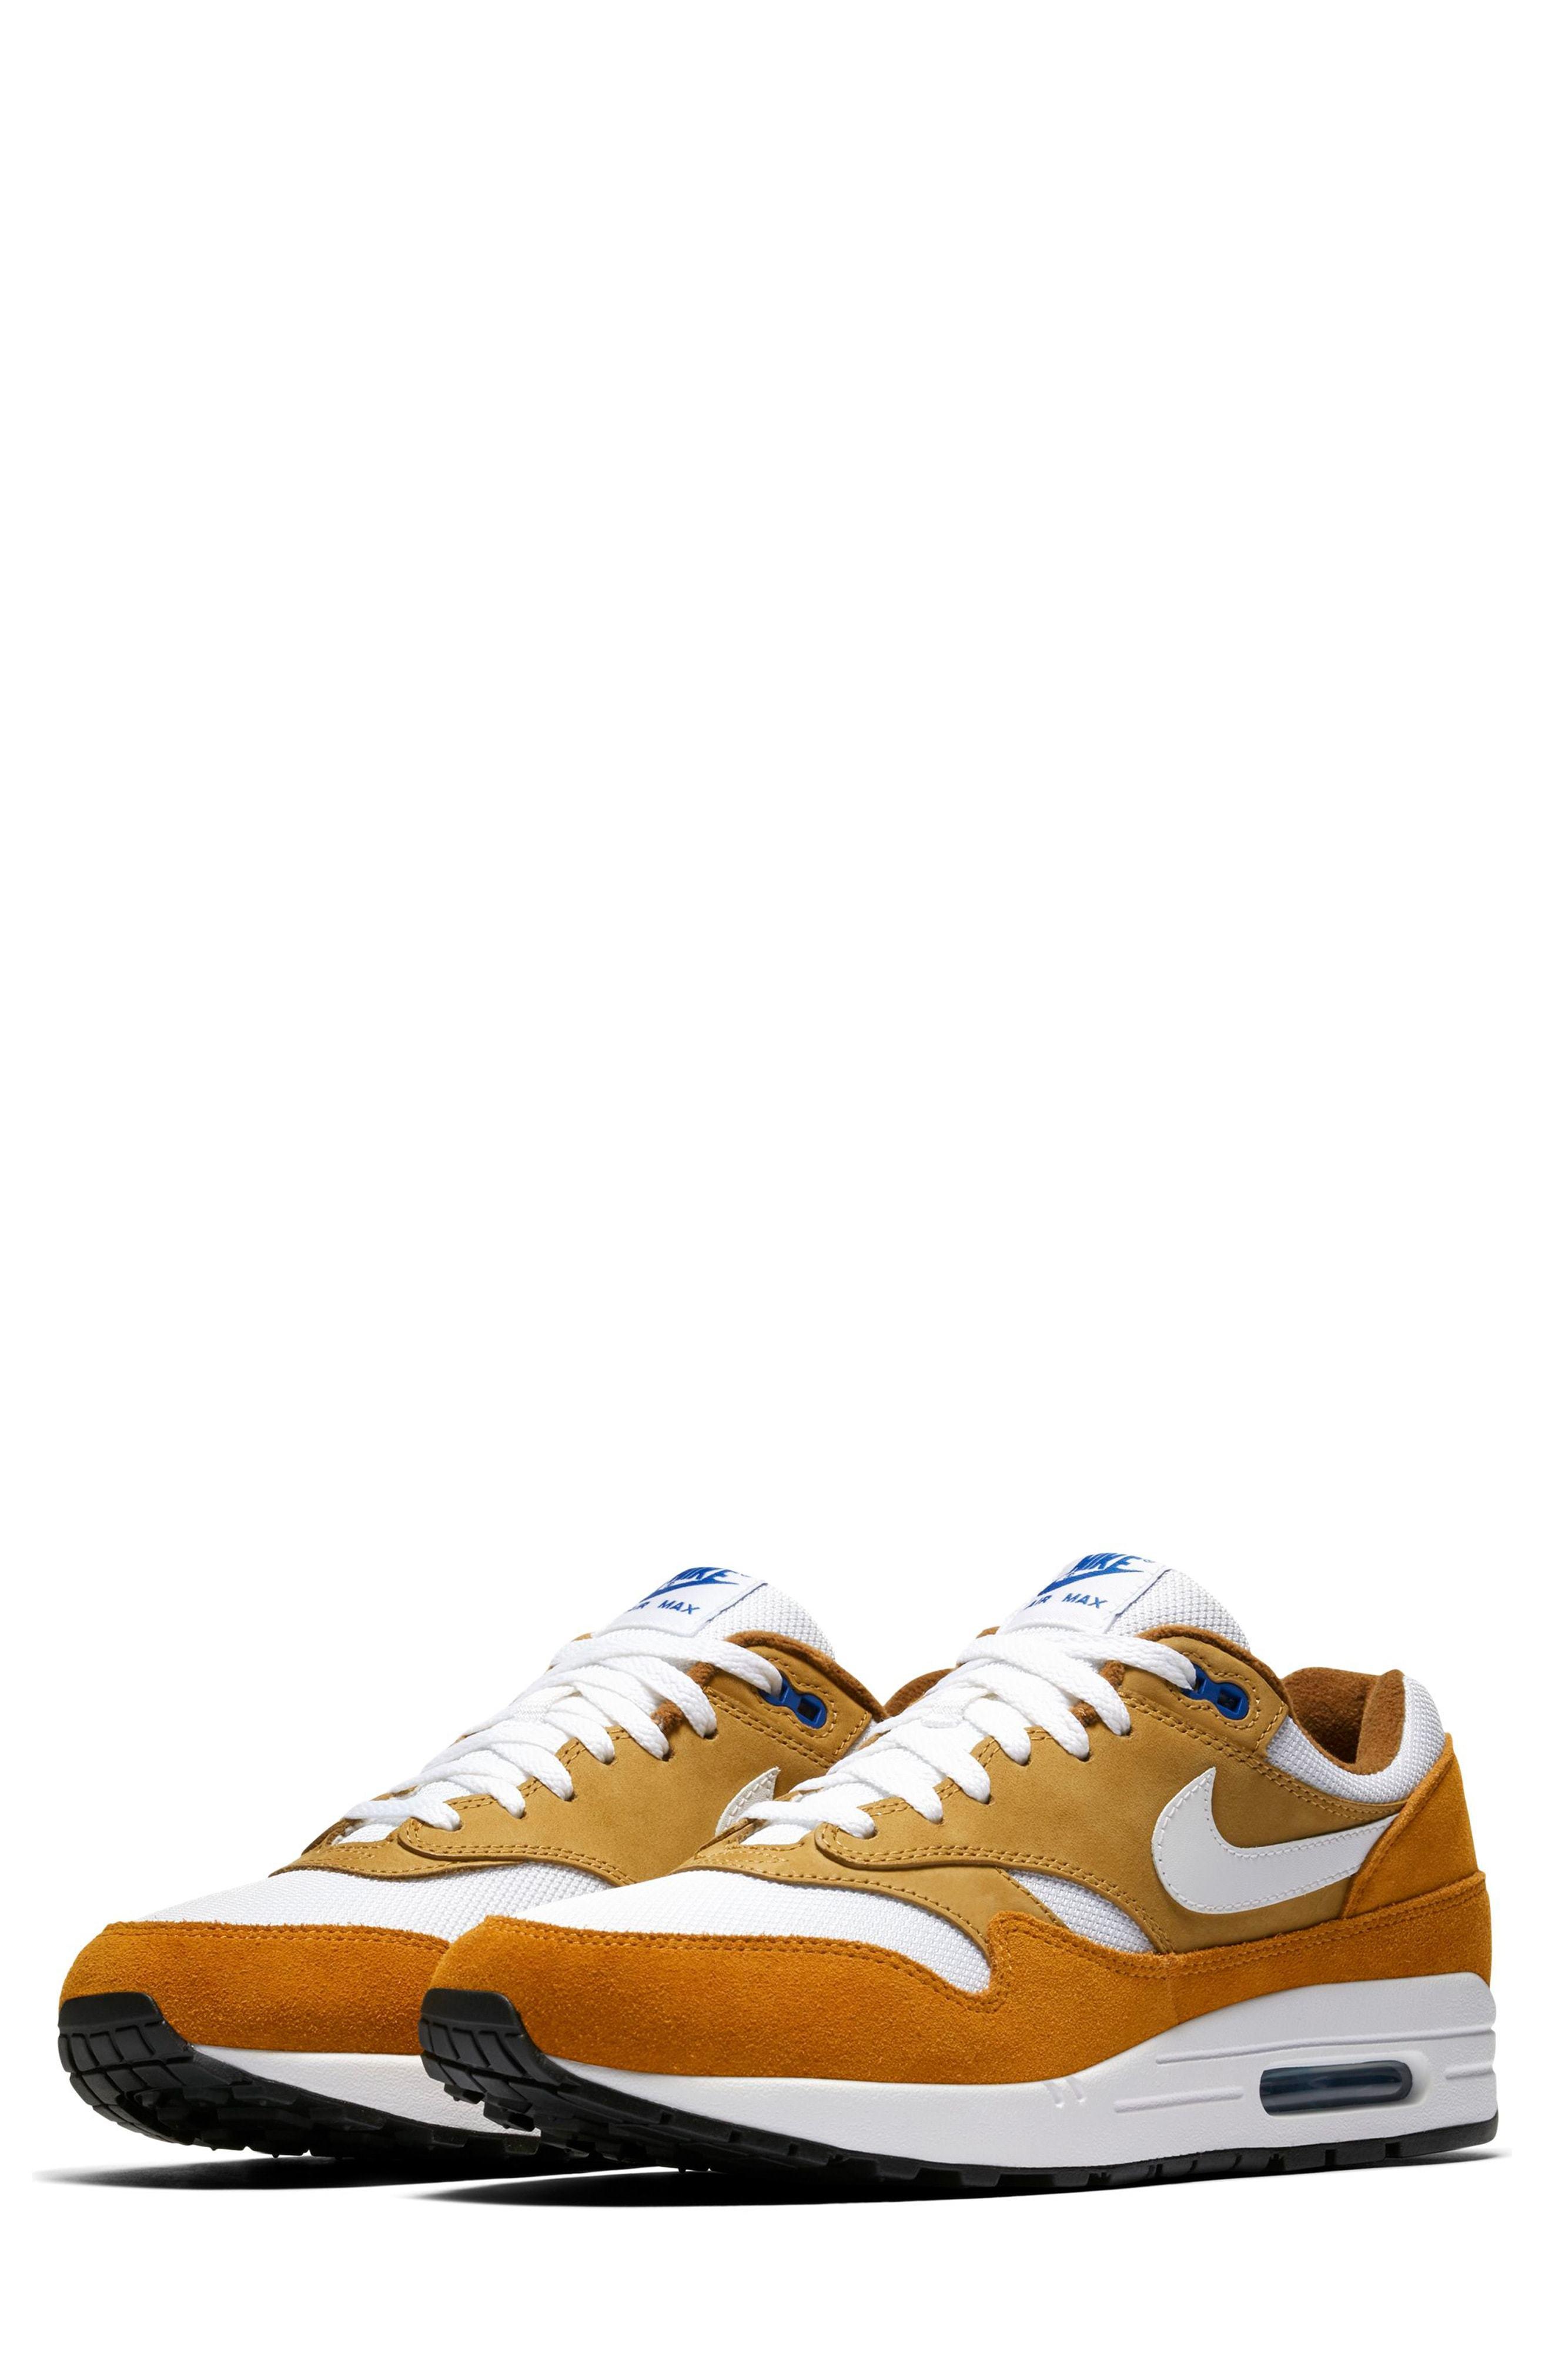 new style f8140 cf4fa ... Nike Air Max 1 Premium Retro Sneaker